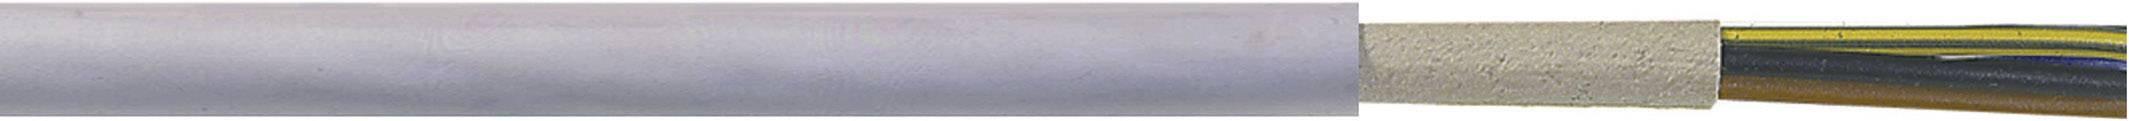 Opláštený kábel LappKabel NYM-J 16000013, 4 G 1.50 mm², metrový tovar, sivá